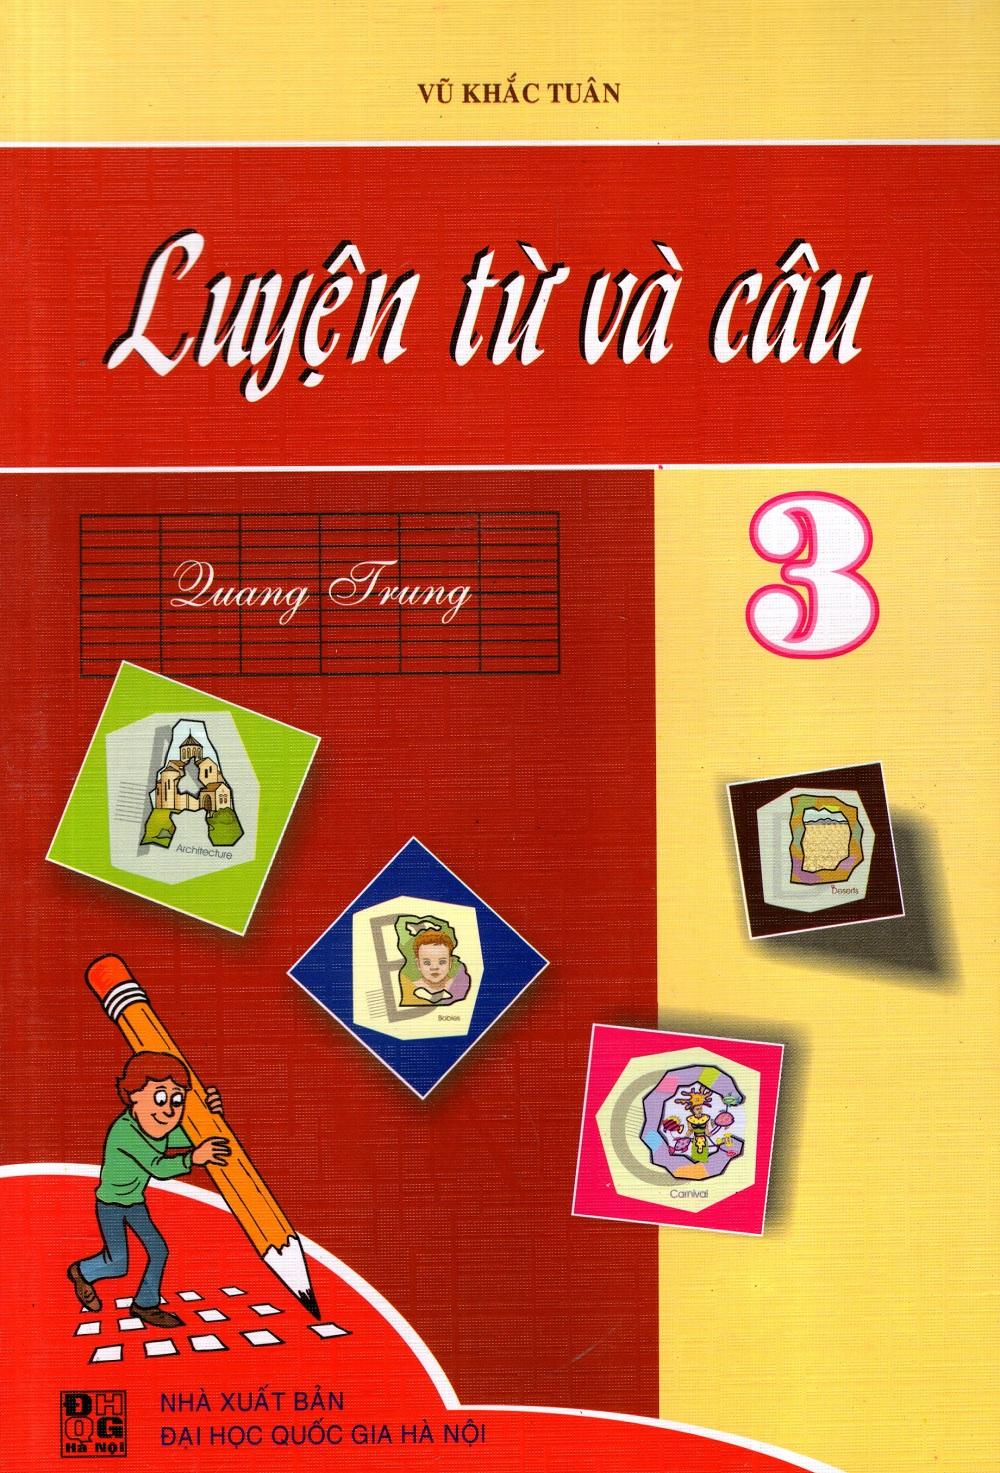 Luyện Từ Và Câu Lớp 3 (2013) - 8936036302684,62_219661,30000,tiki.vn,Luyen-Tu-Va-Cau-Lop-3-2013-62_219661,Luyện Từ Và Câu Lớp 3 (2013)